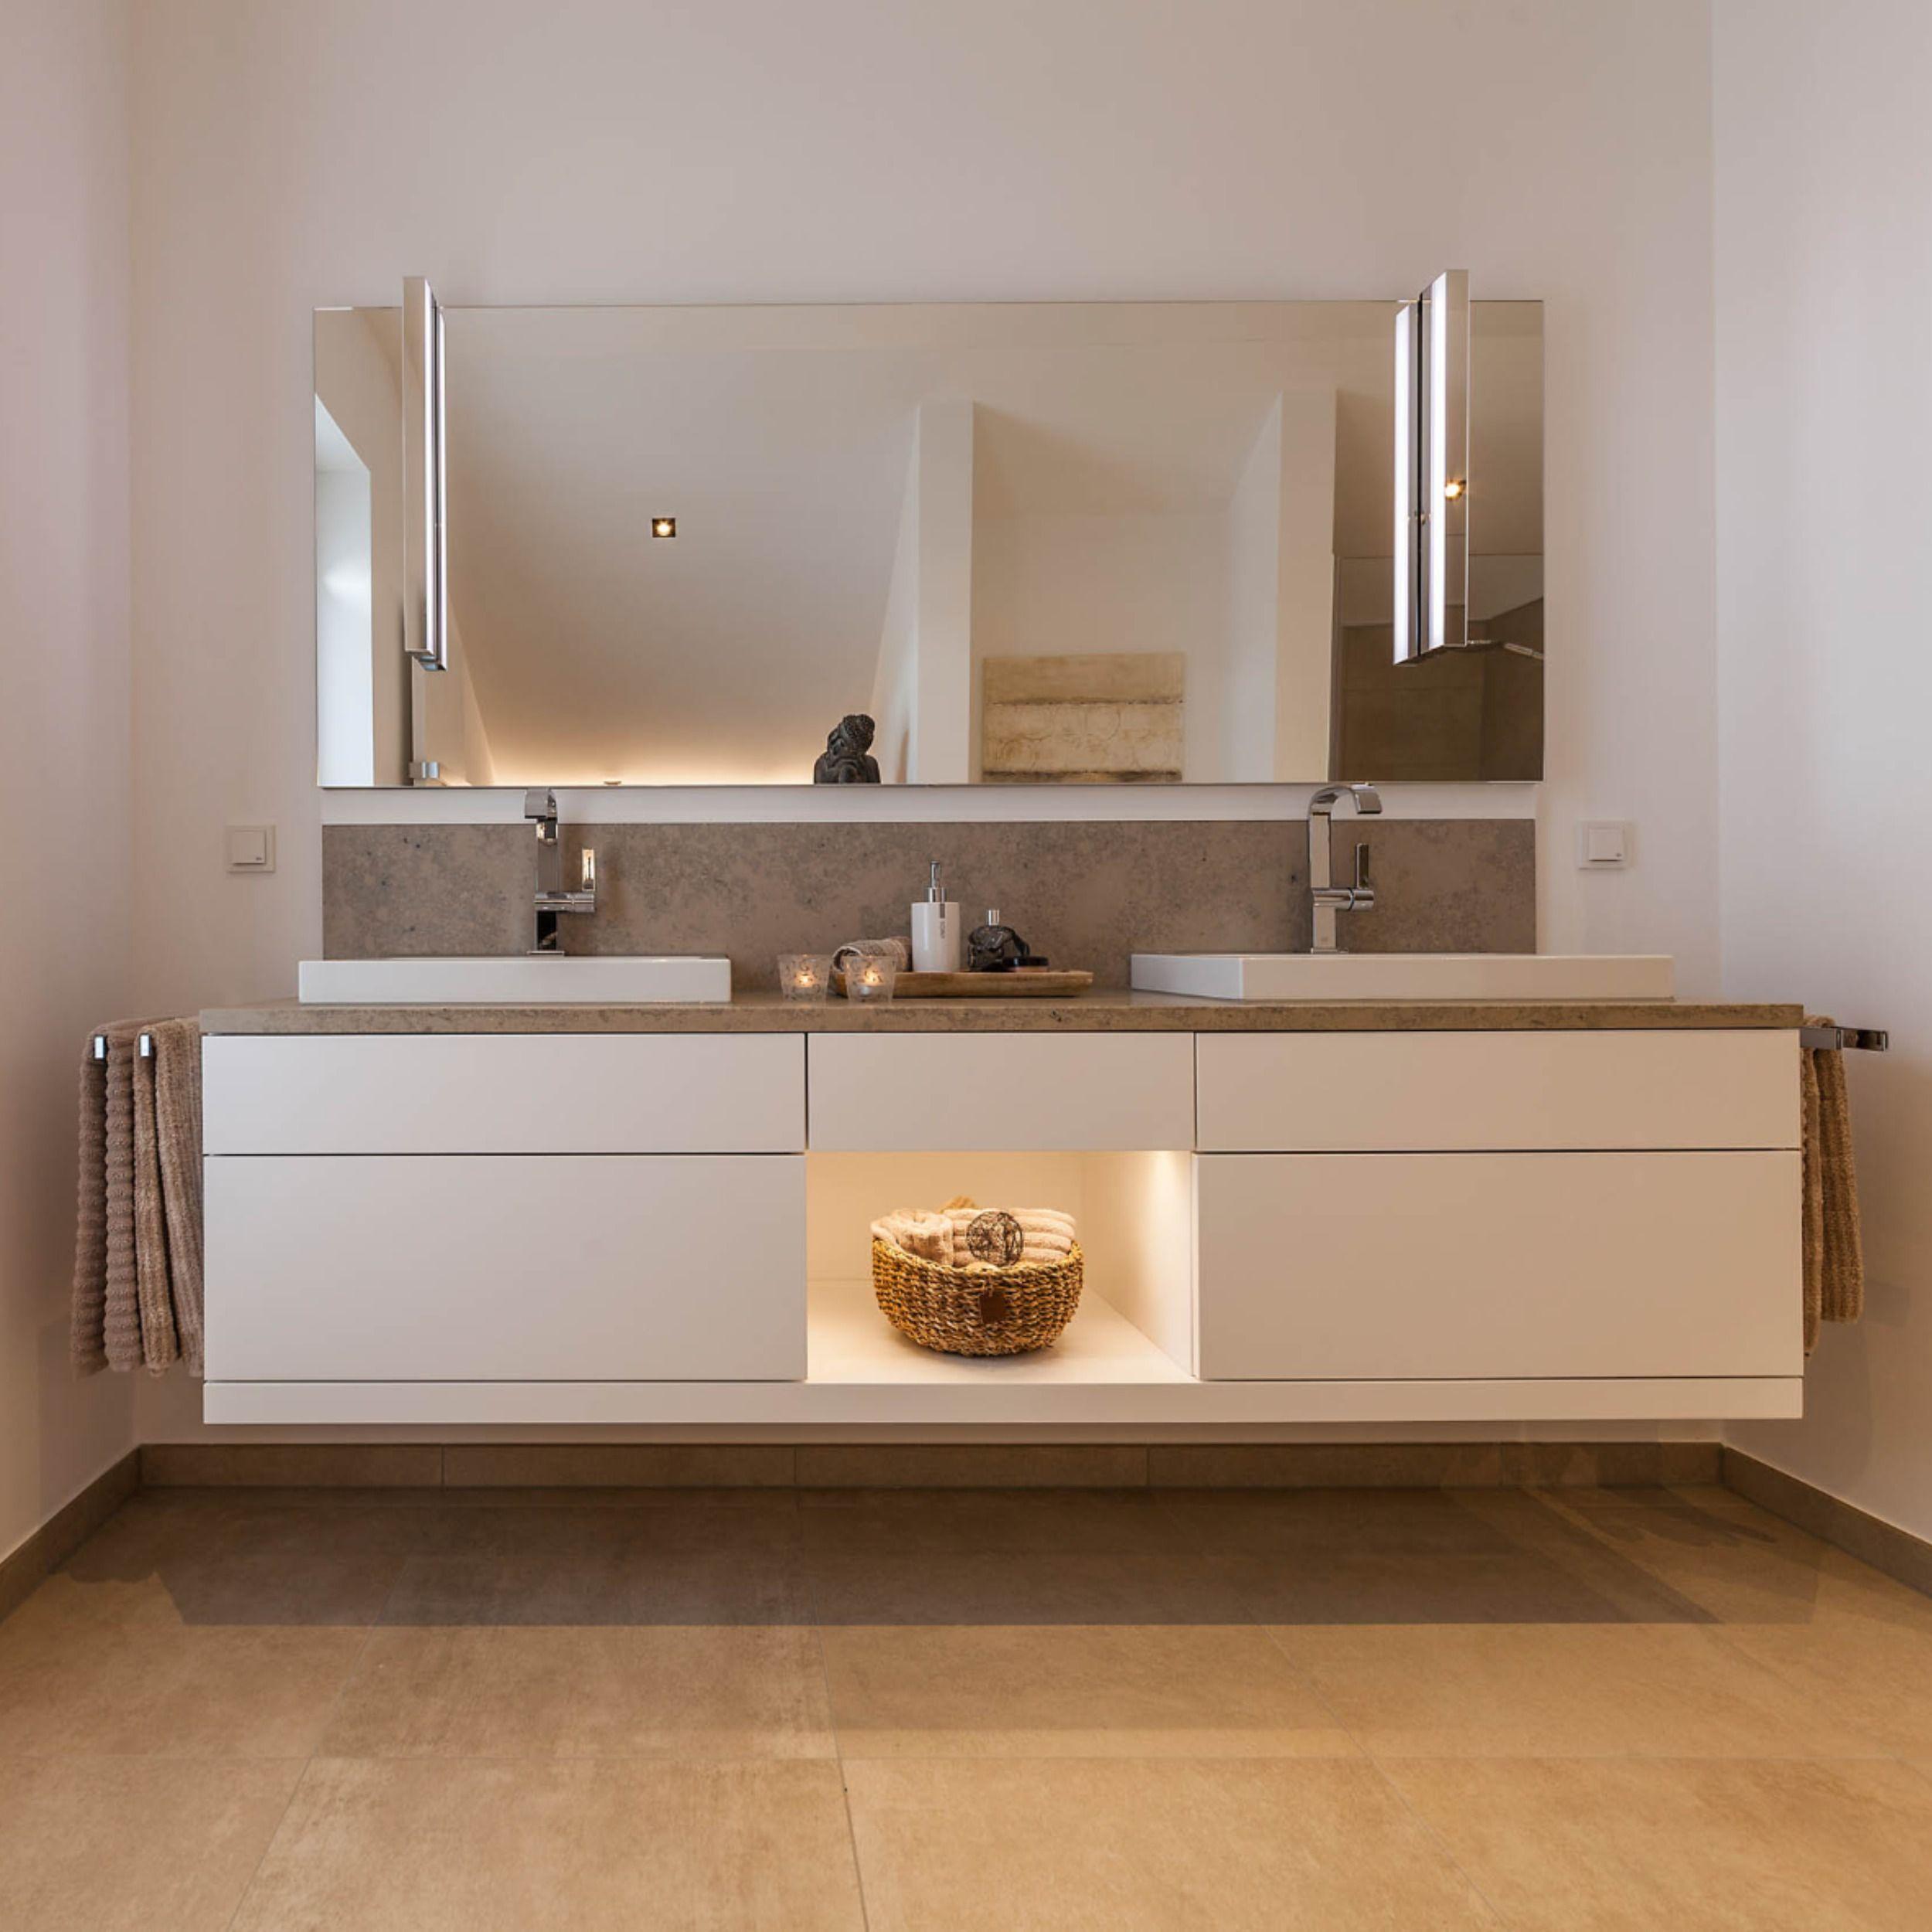 Badezimmer Mit Grossem Doppelwaschtisch Einbauschranken Led Beleuchtung Begehbare D In 2020 Badezimmer Unterschrank Bad Doppelwaschtisch Badezimmer Unterschrank Holz